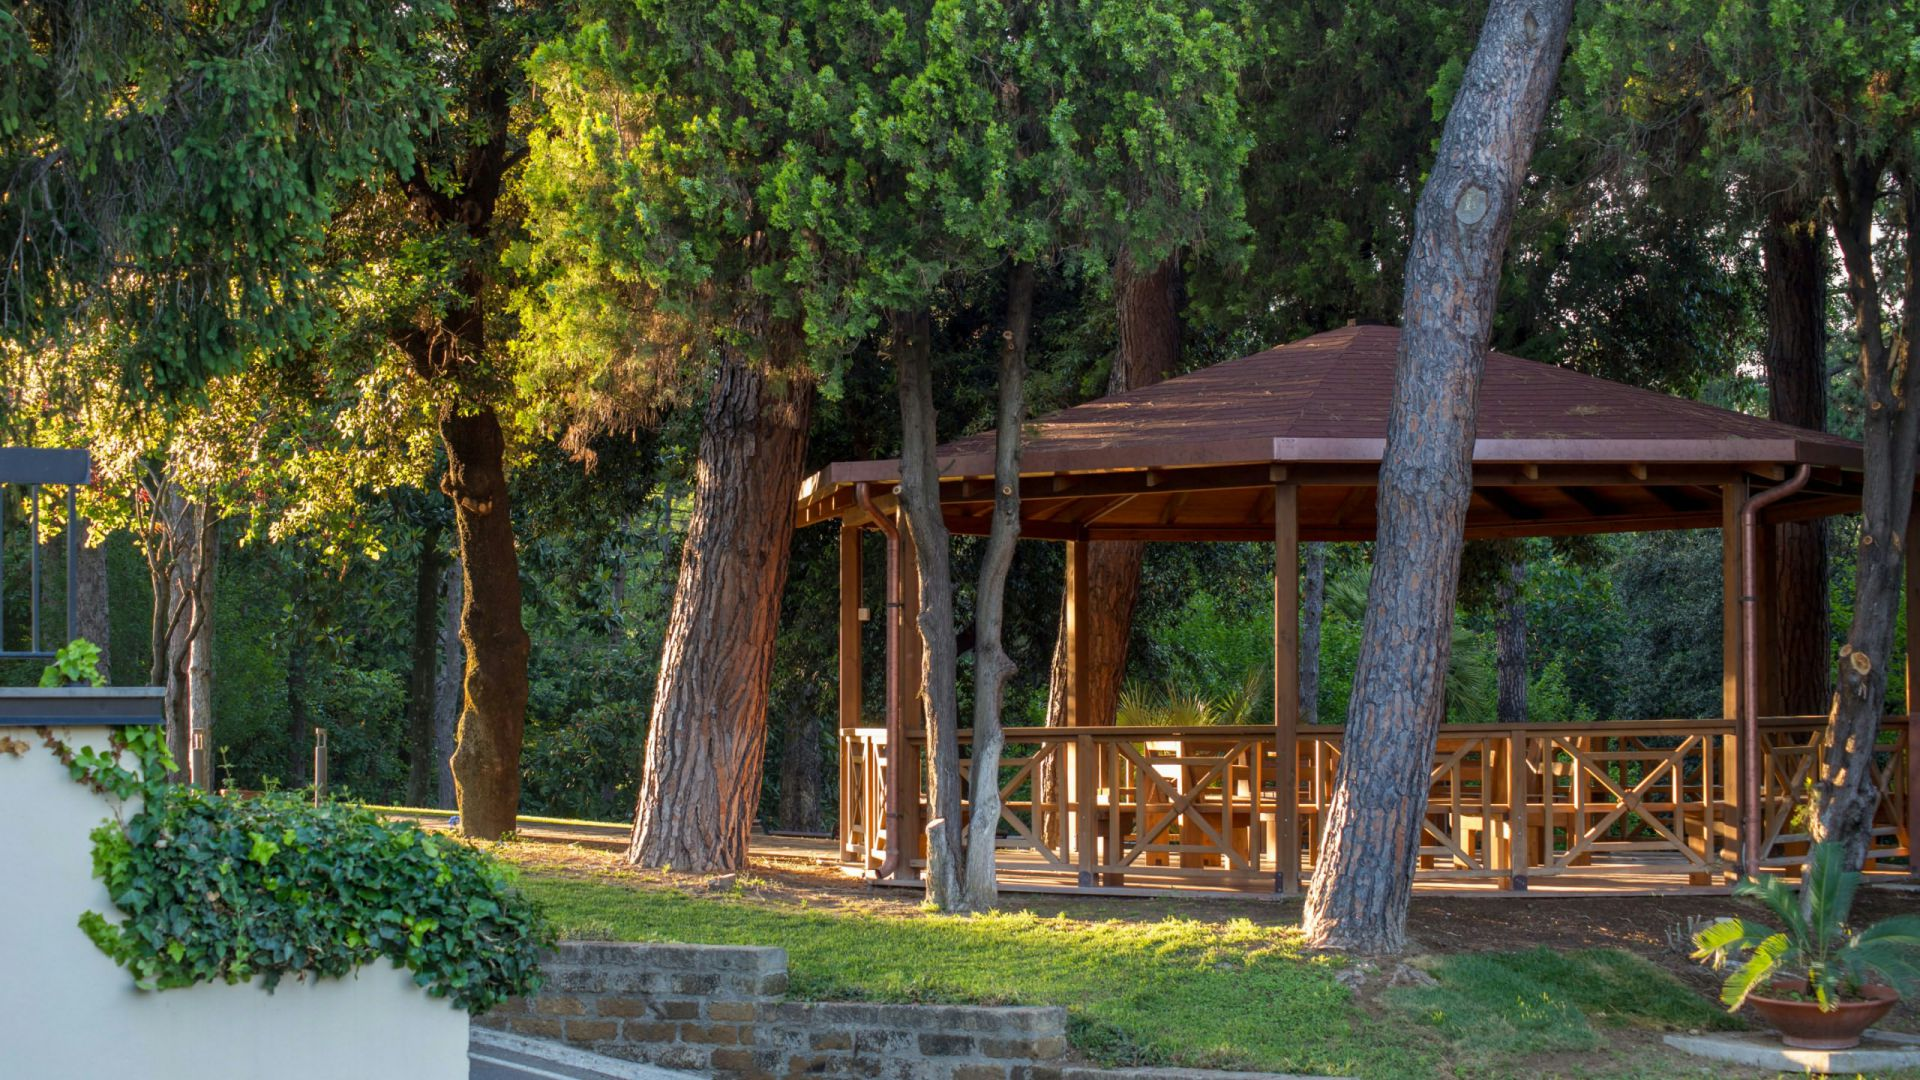 villa-aurelia-hotel-roma-giardino-01